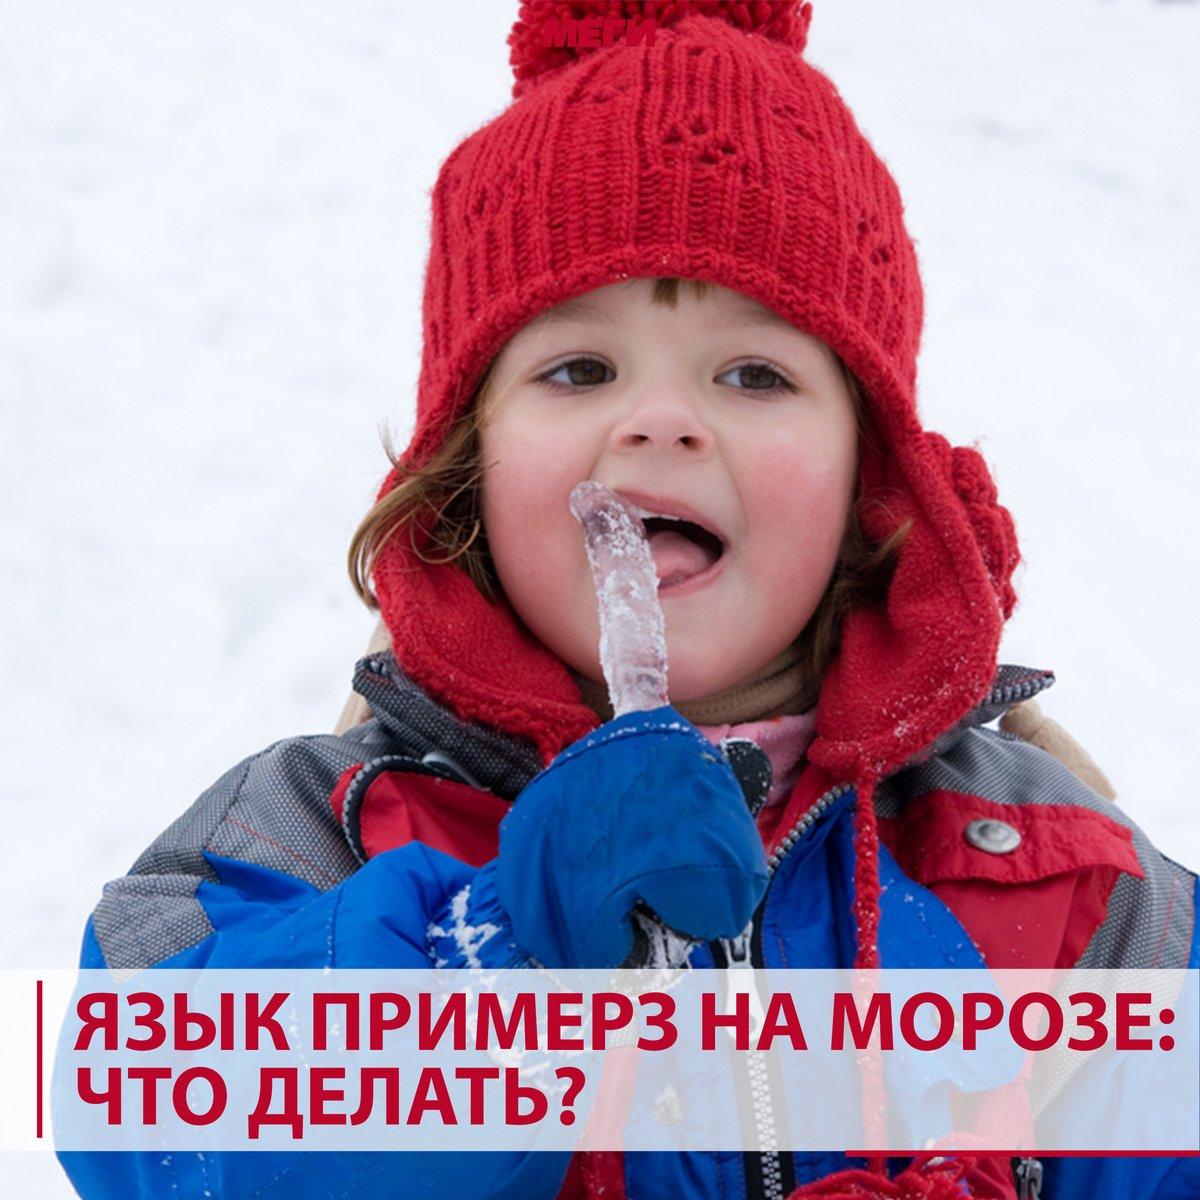 Язык примерз на морозе к железу: что делать